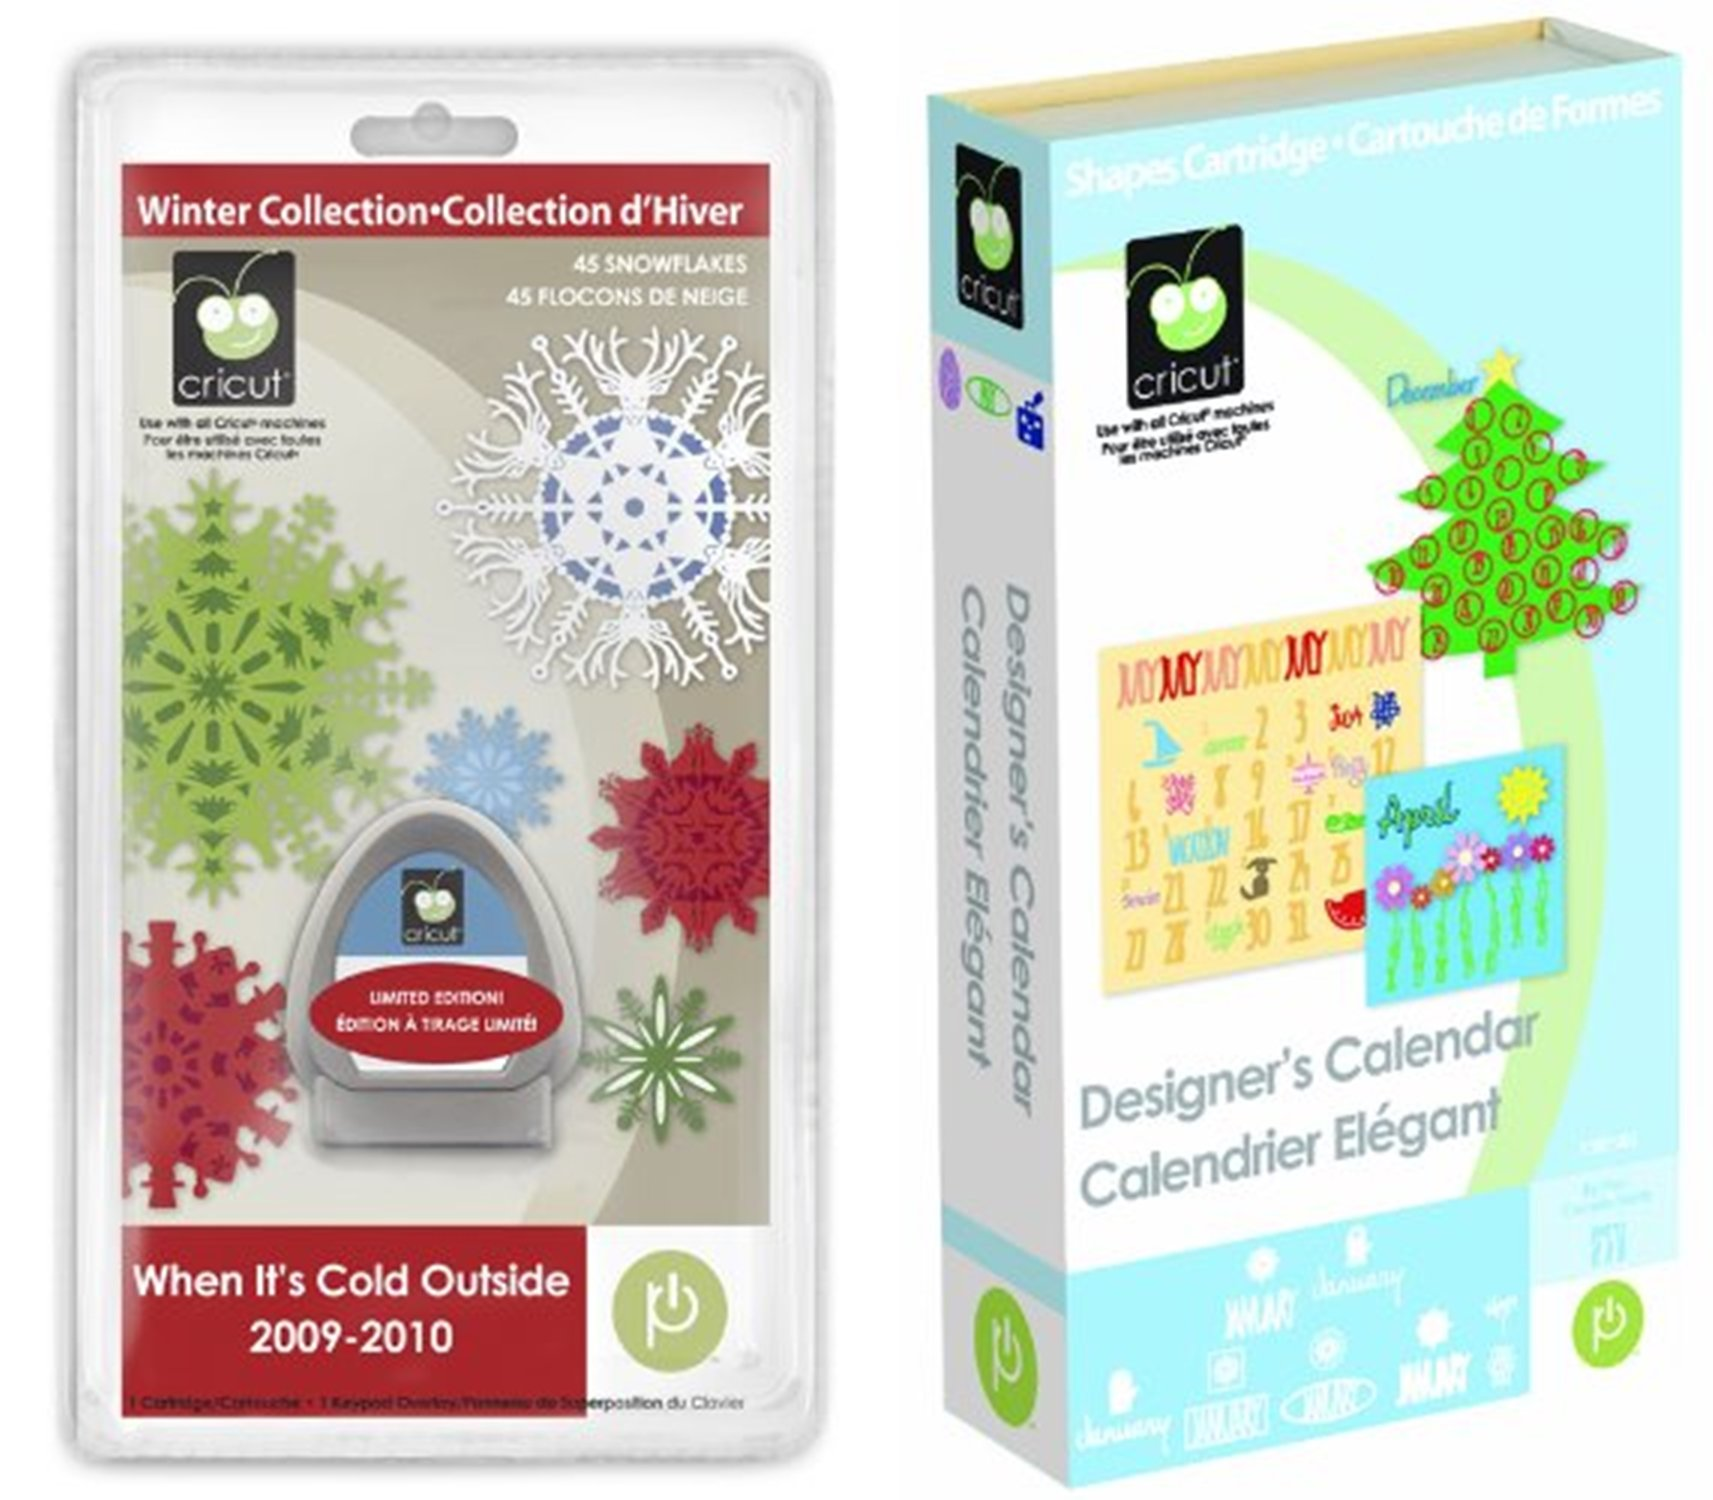 Cricut Designer's Calendar & When It's Cold Outside Bundle